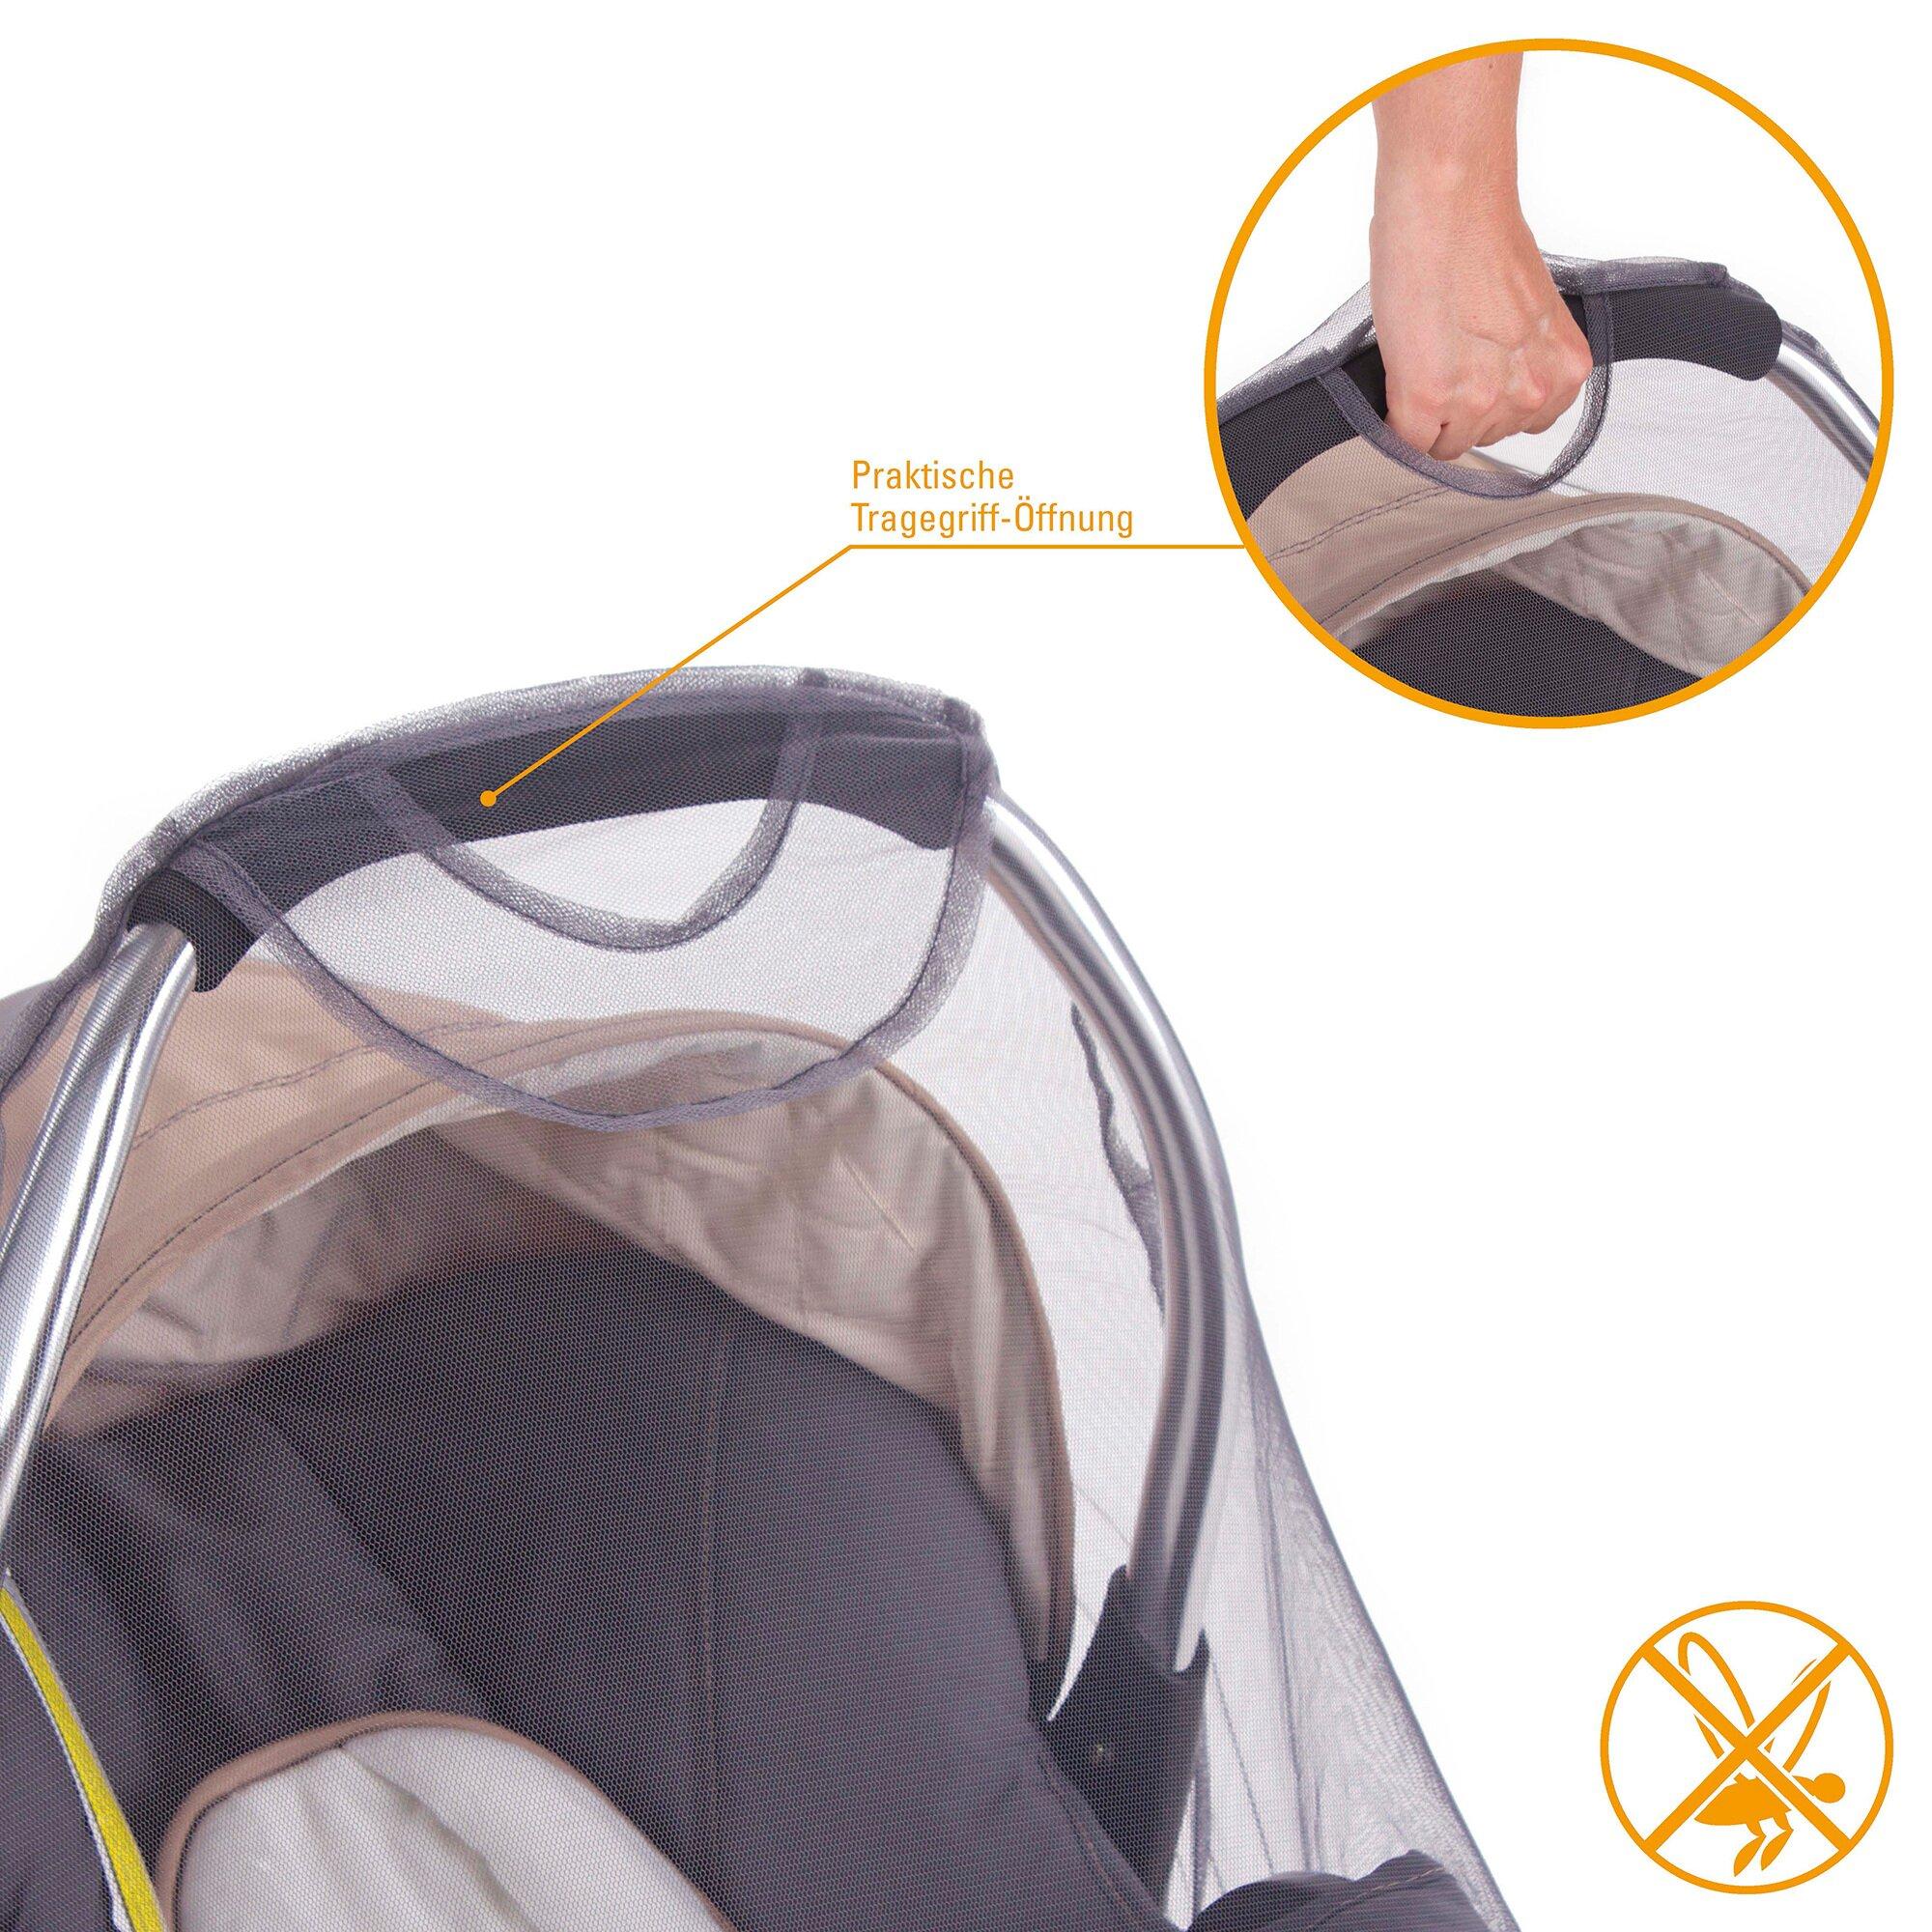 diago-insektenschutz-fur-babyschale-grau